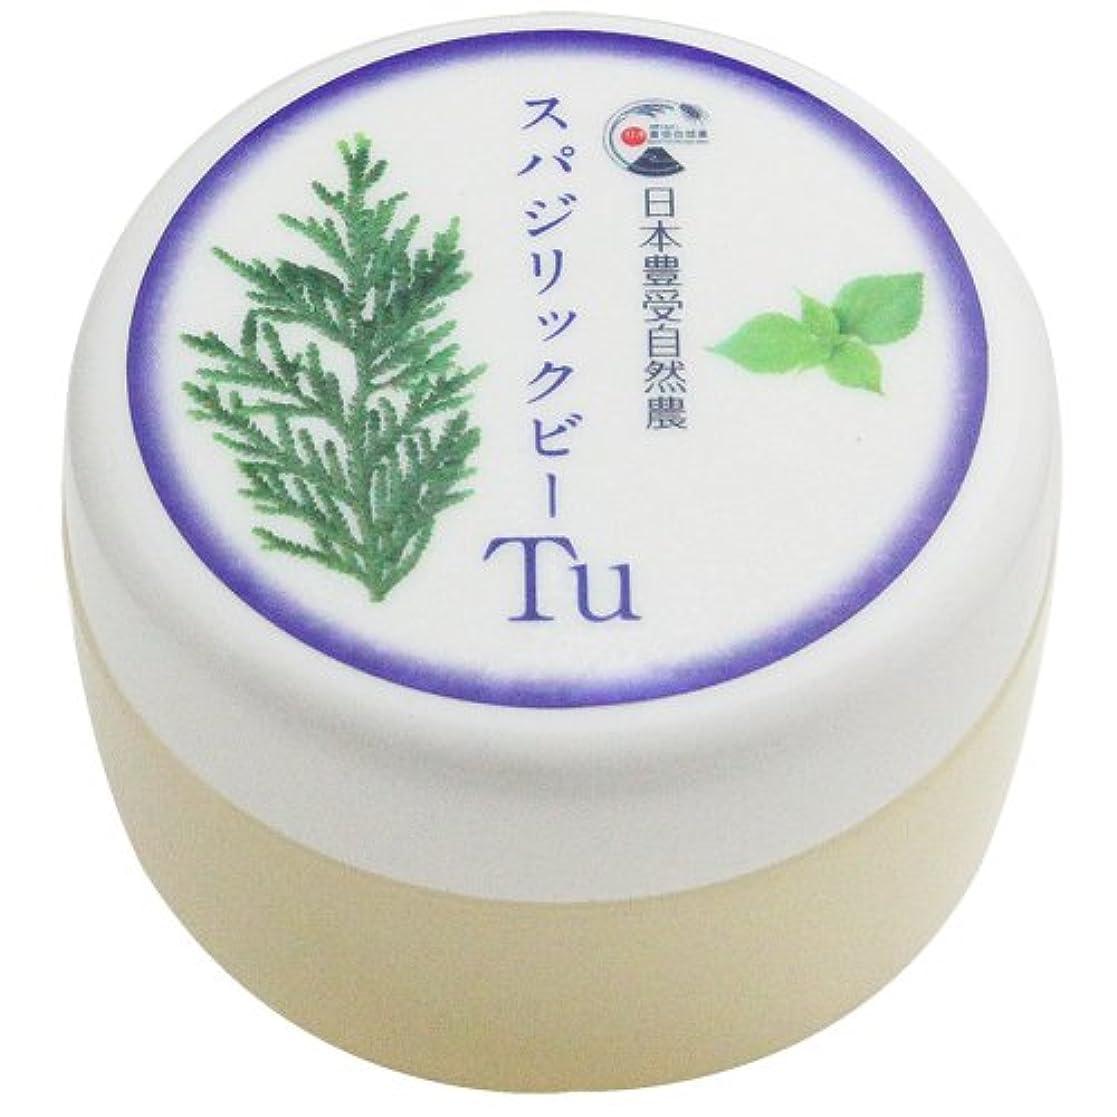 ディプロマネックレス共役日本豊受自然農 スパジリック ビーTu(特大) 135g